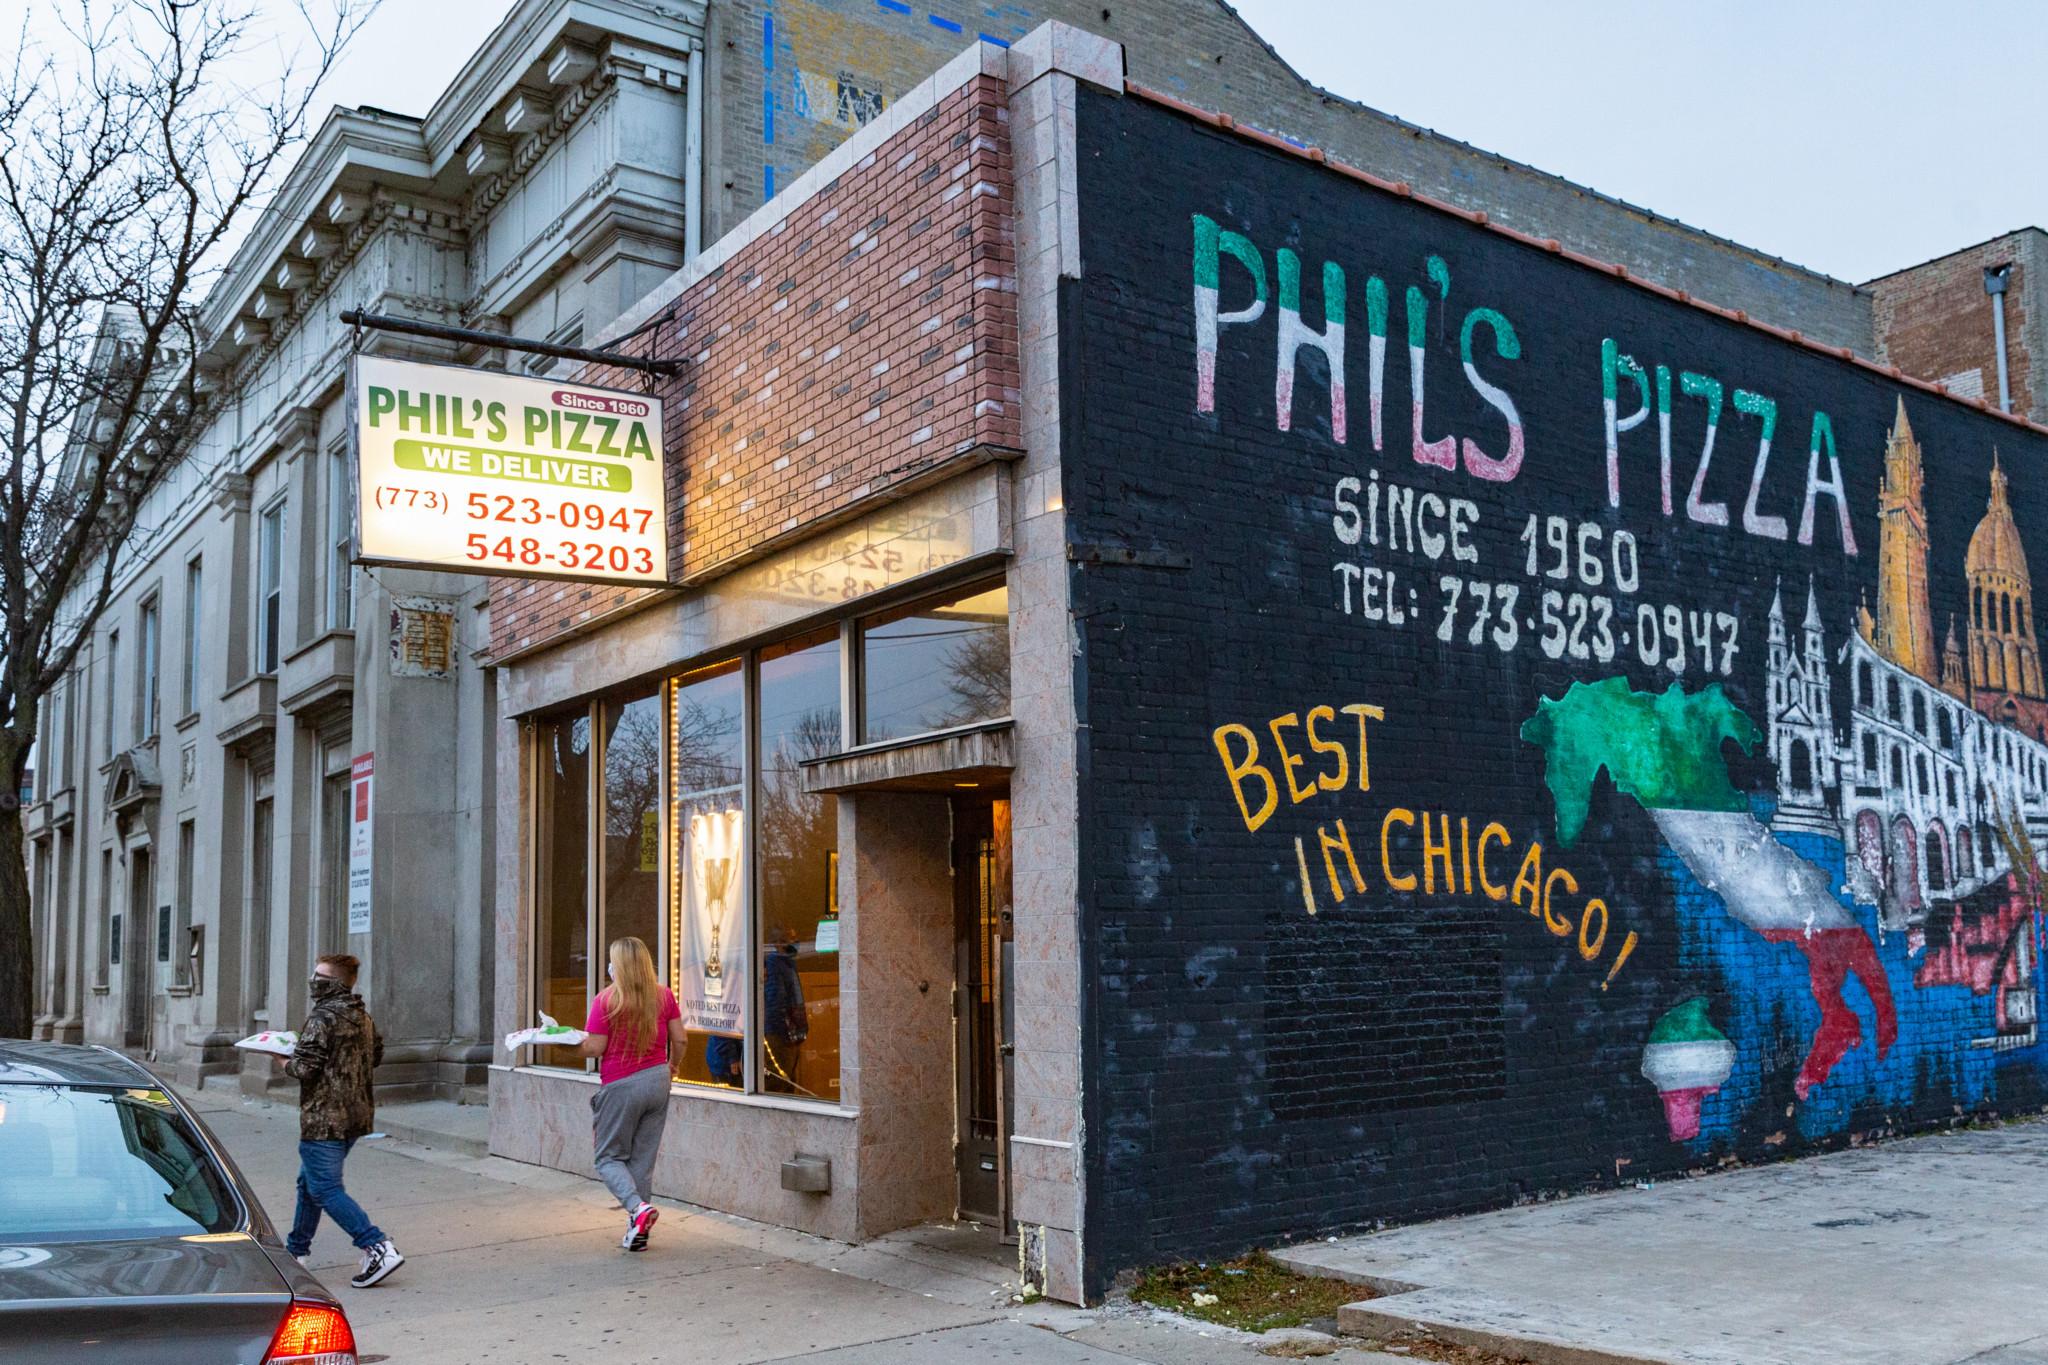 Phils Pizza. Photo Credit: Anthony Nguyen